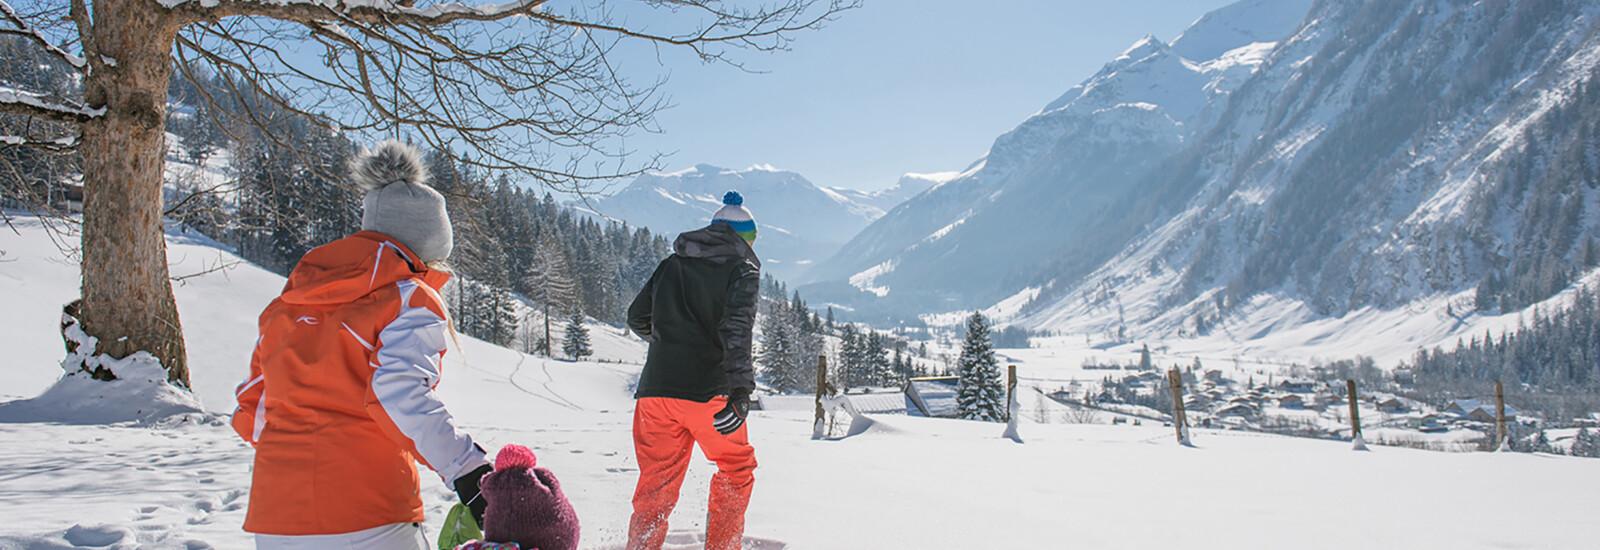 Schnee österreich 2021